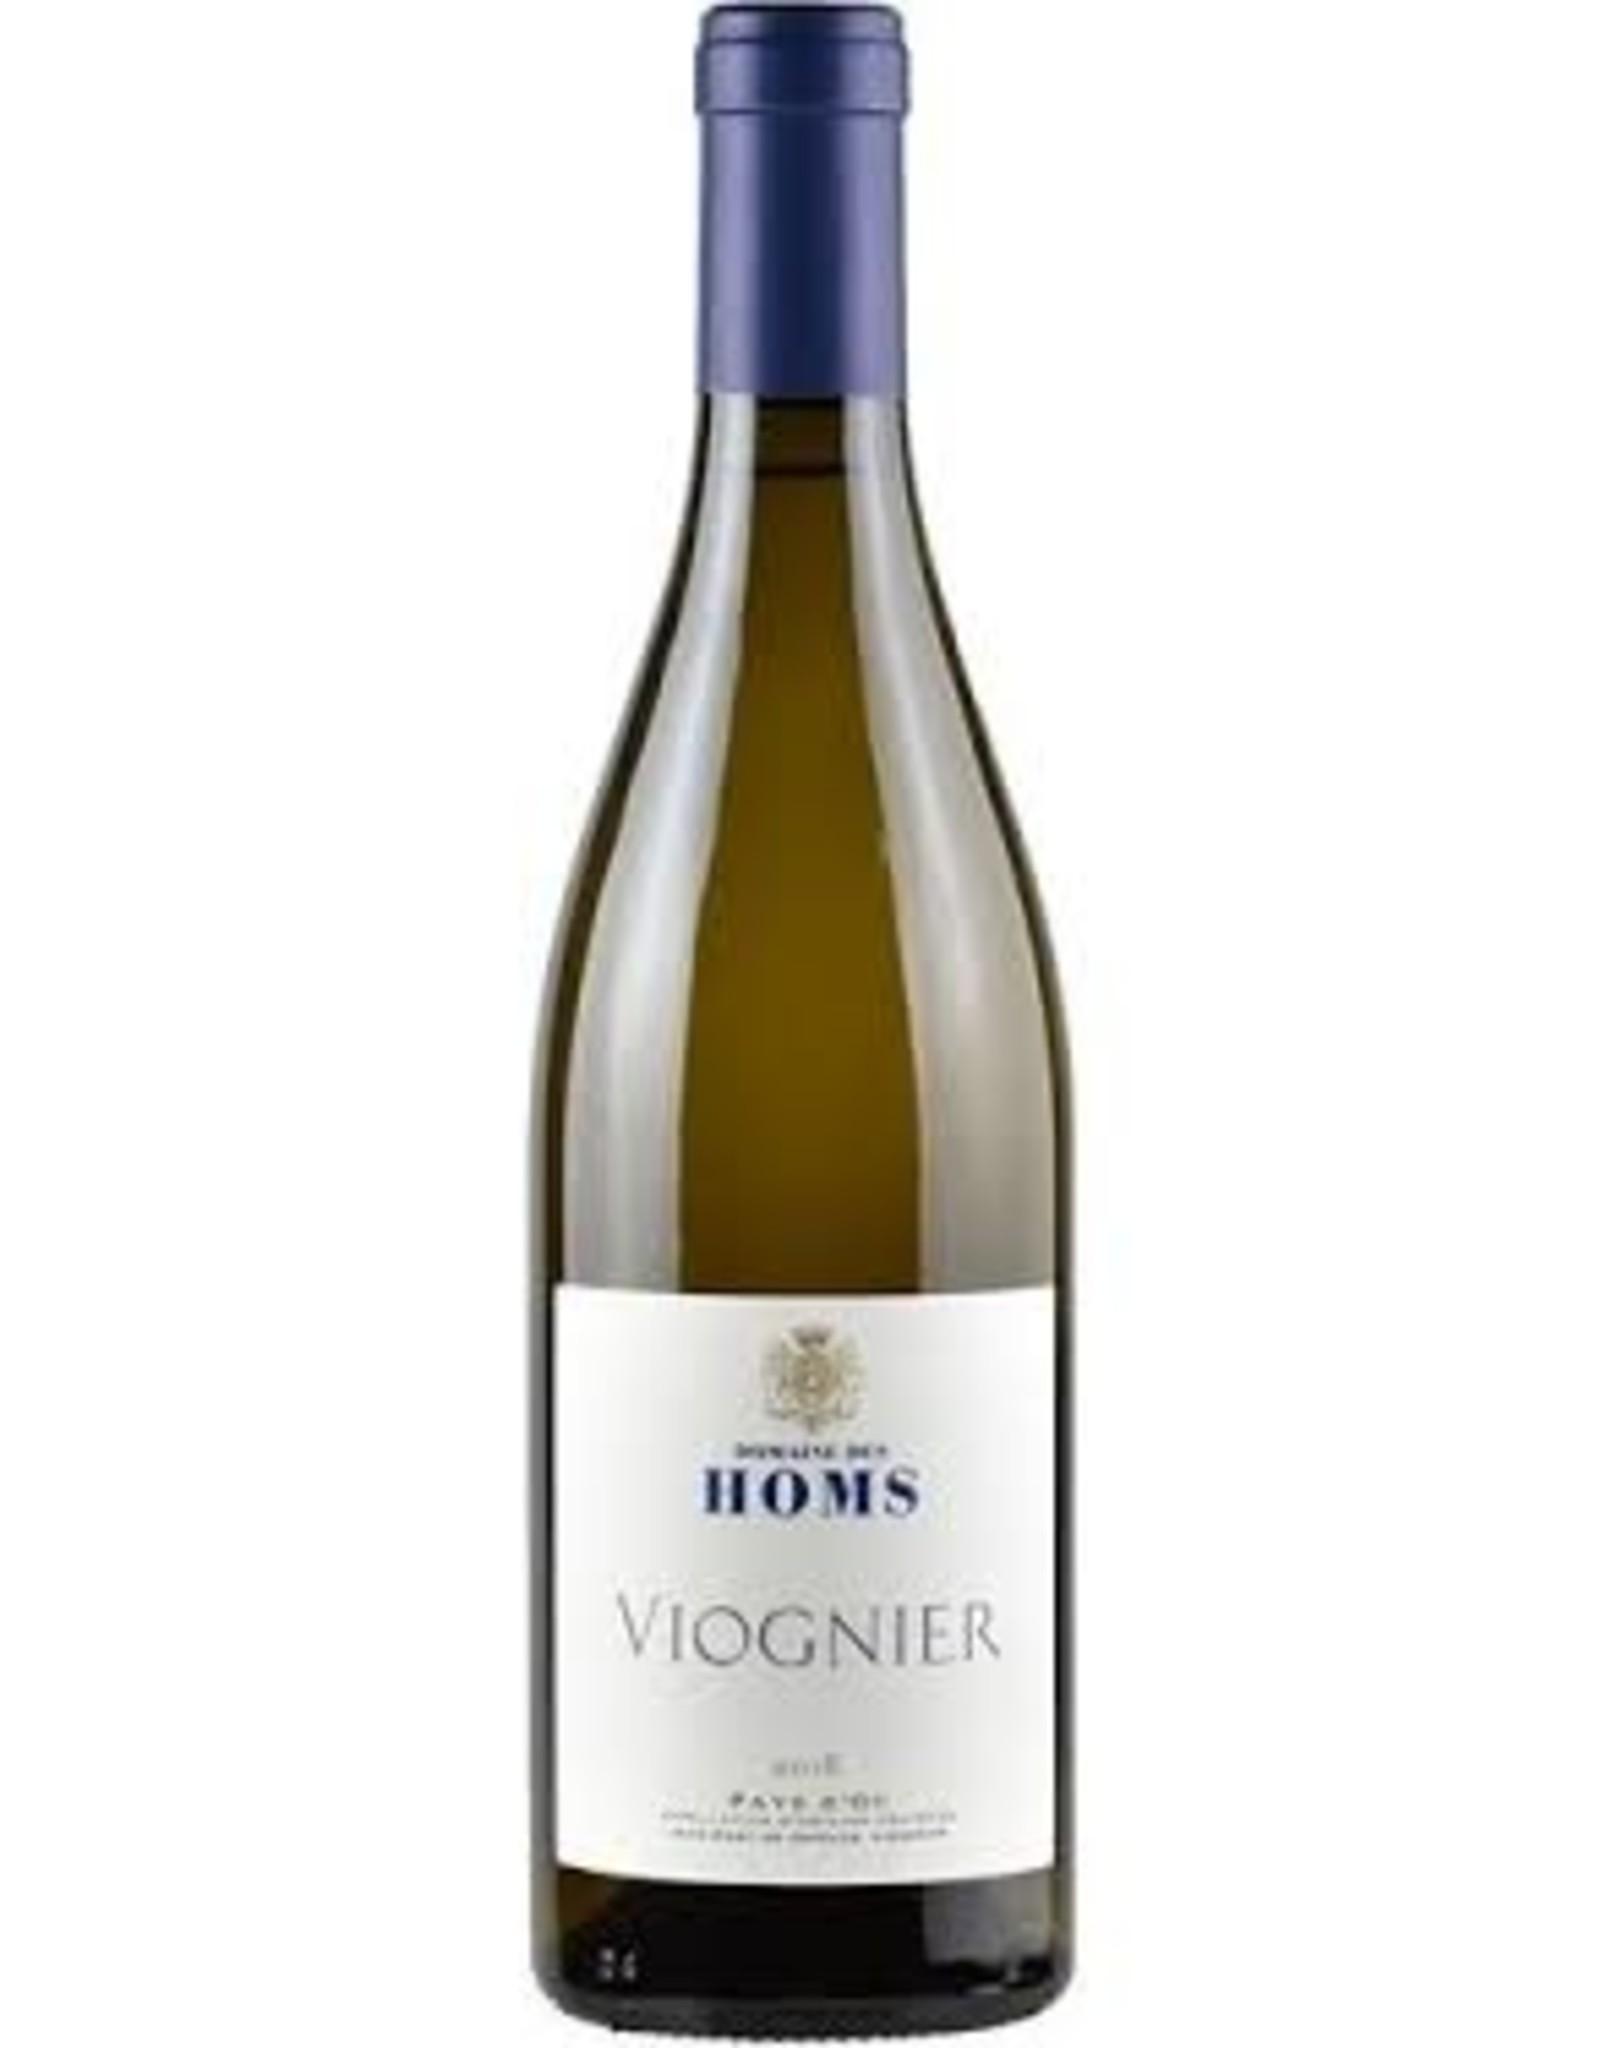 Domaine des Homs Viognier